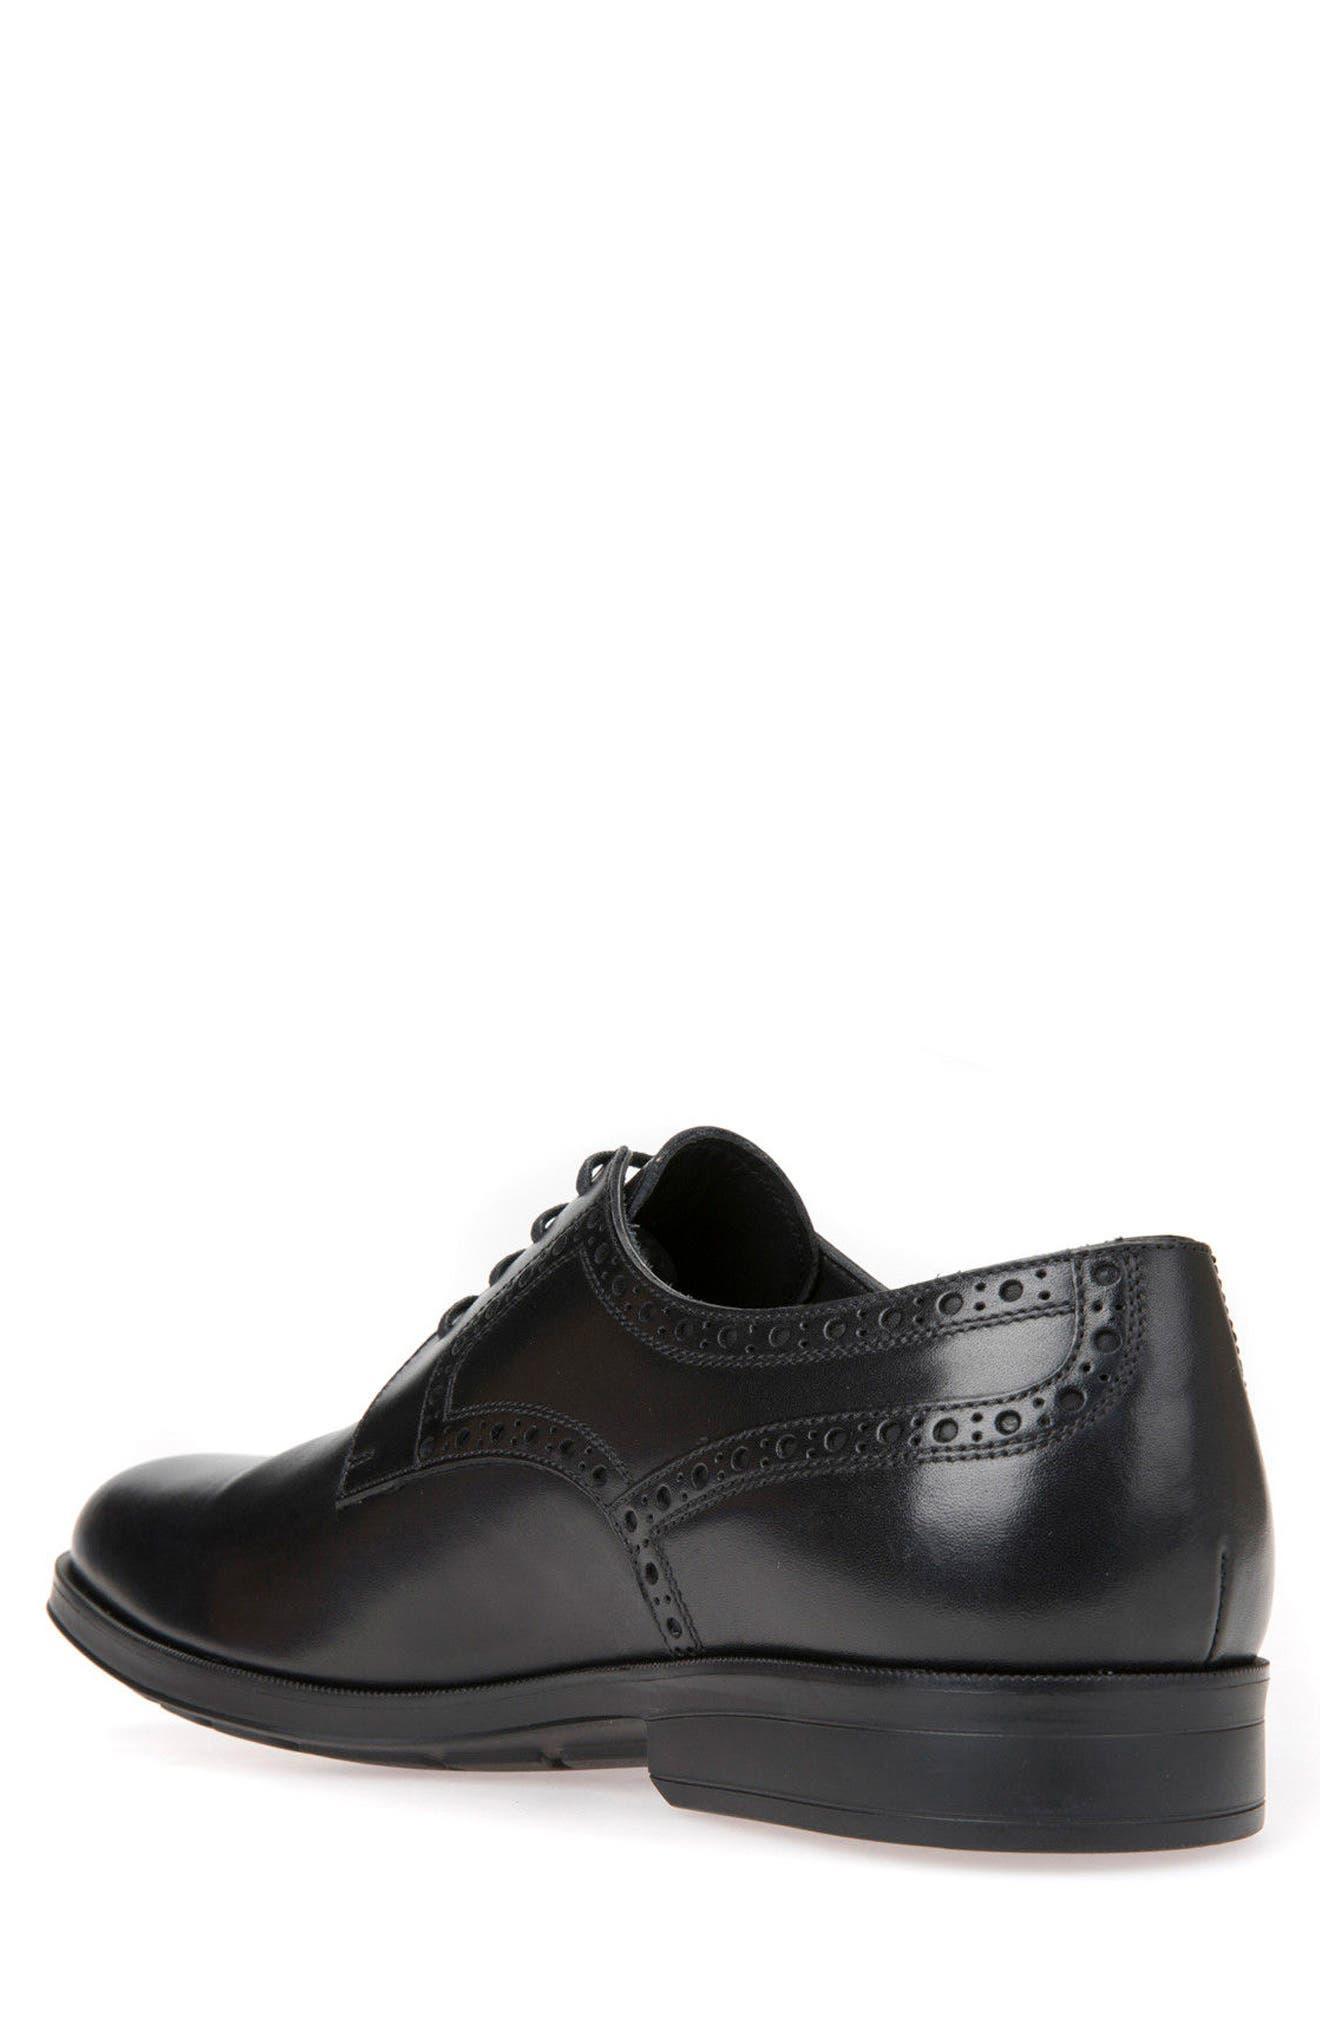 Hilstone 3 Plain Toe Derby,                             Alternate thumbnail 2, color,                             Black Leather